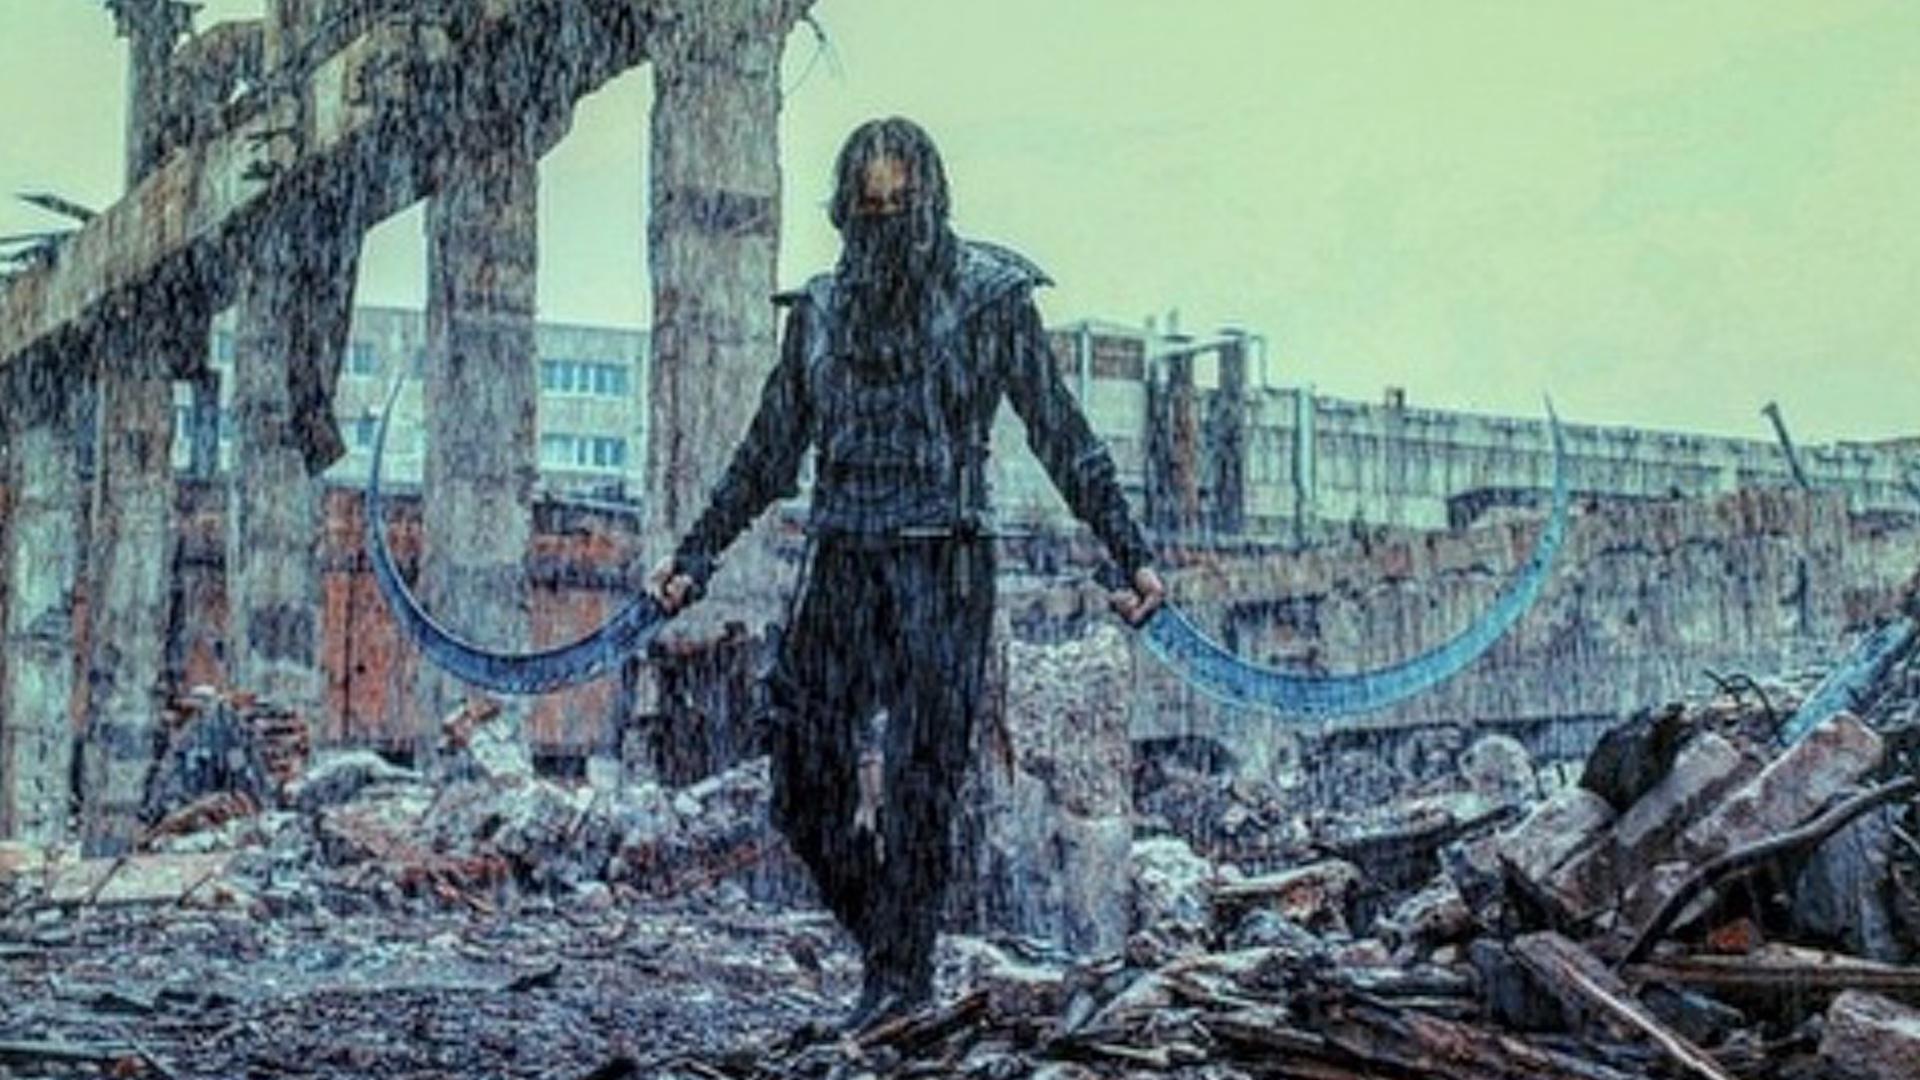 Rosjanie tworzą własny film o super-bohaterach. I bojowym niedźwiedziu. Z karabinem na plecach